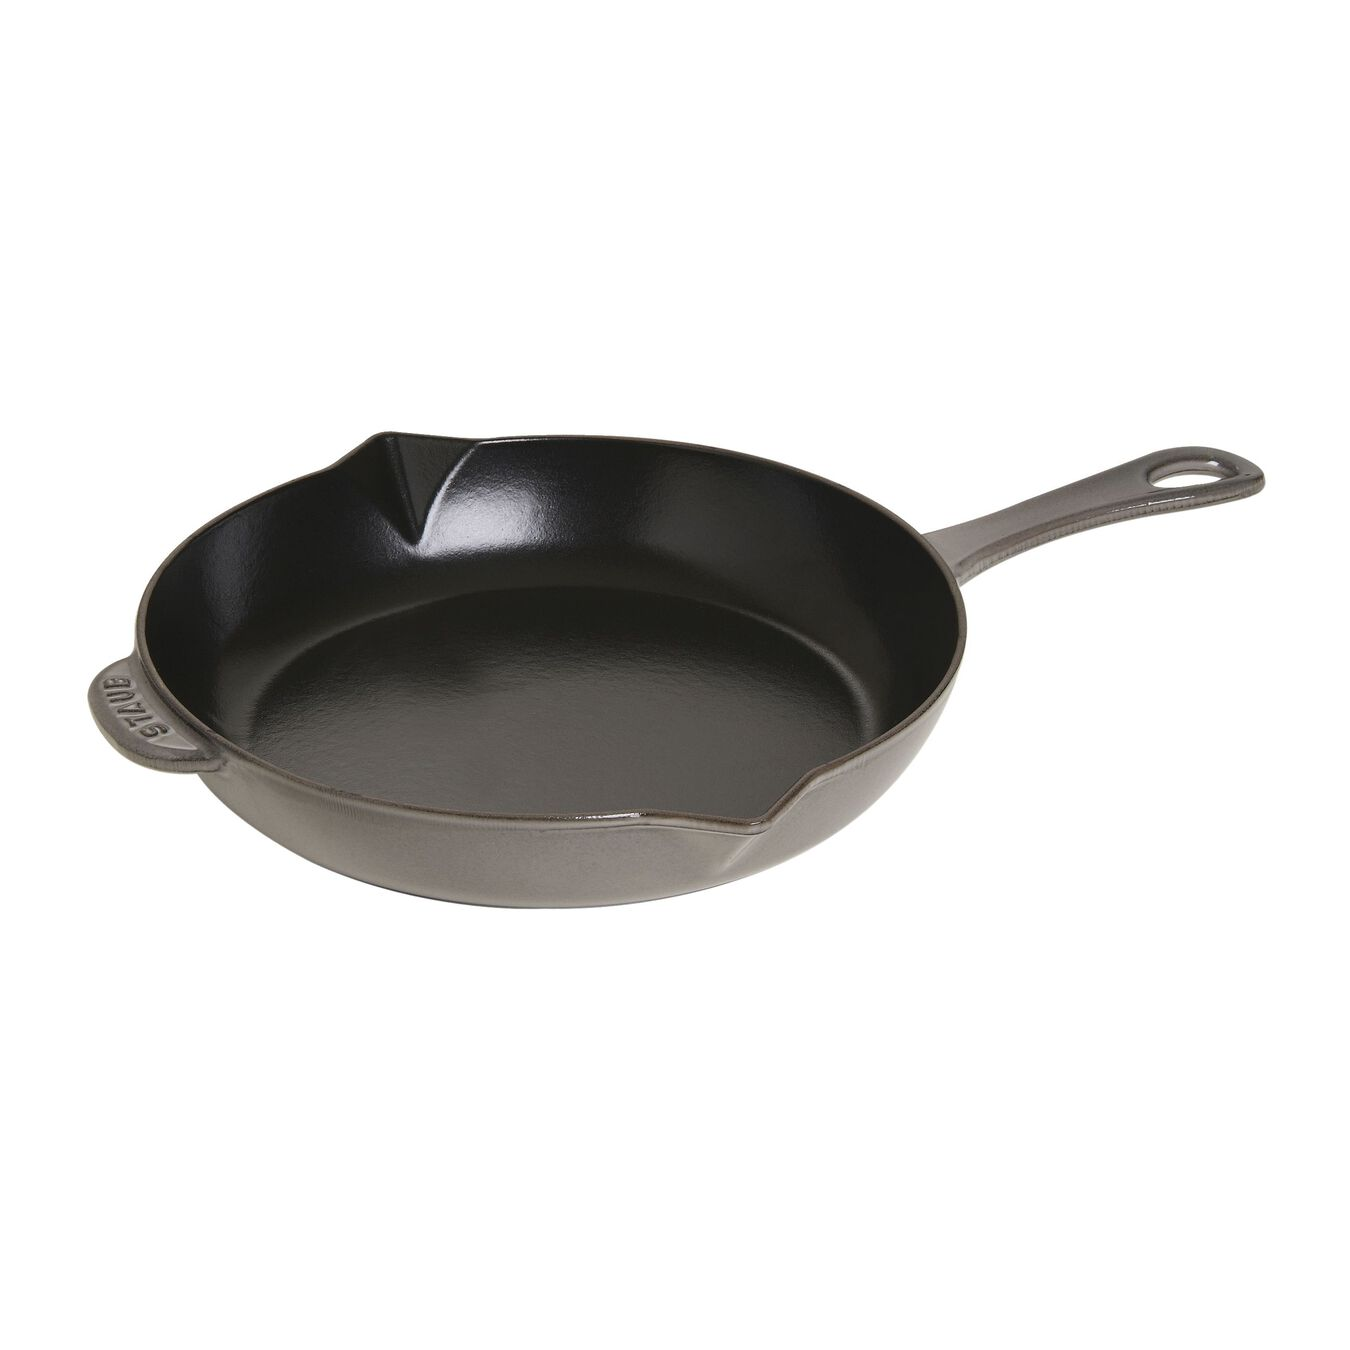 10-inch Fry Pan - Matte Black,,large 1